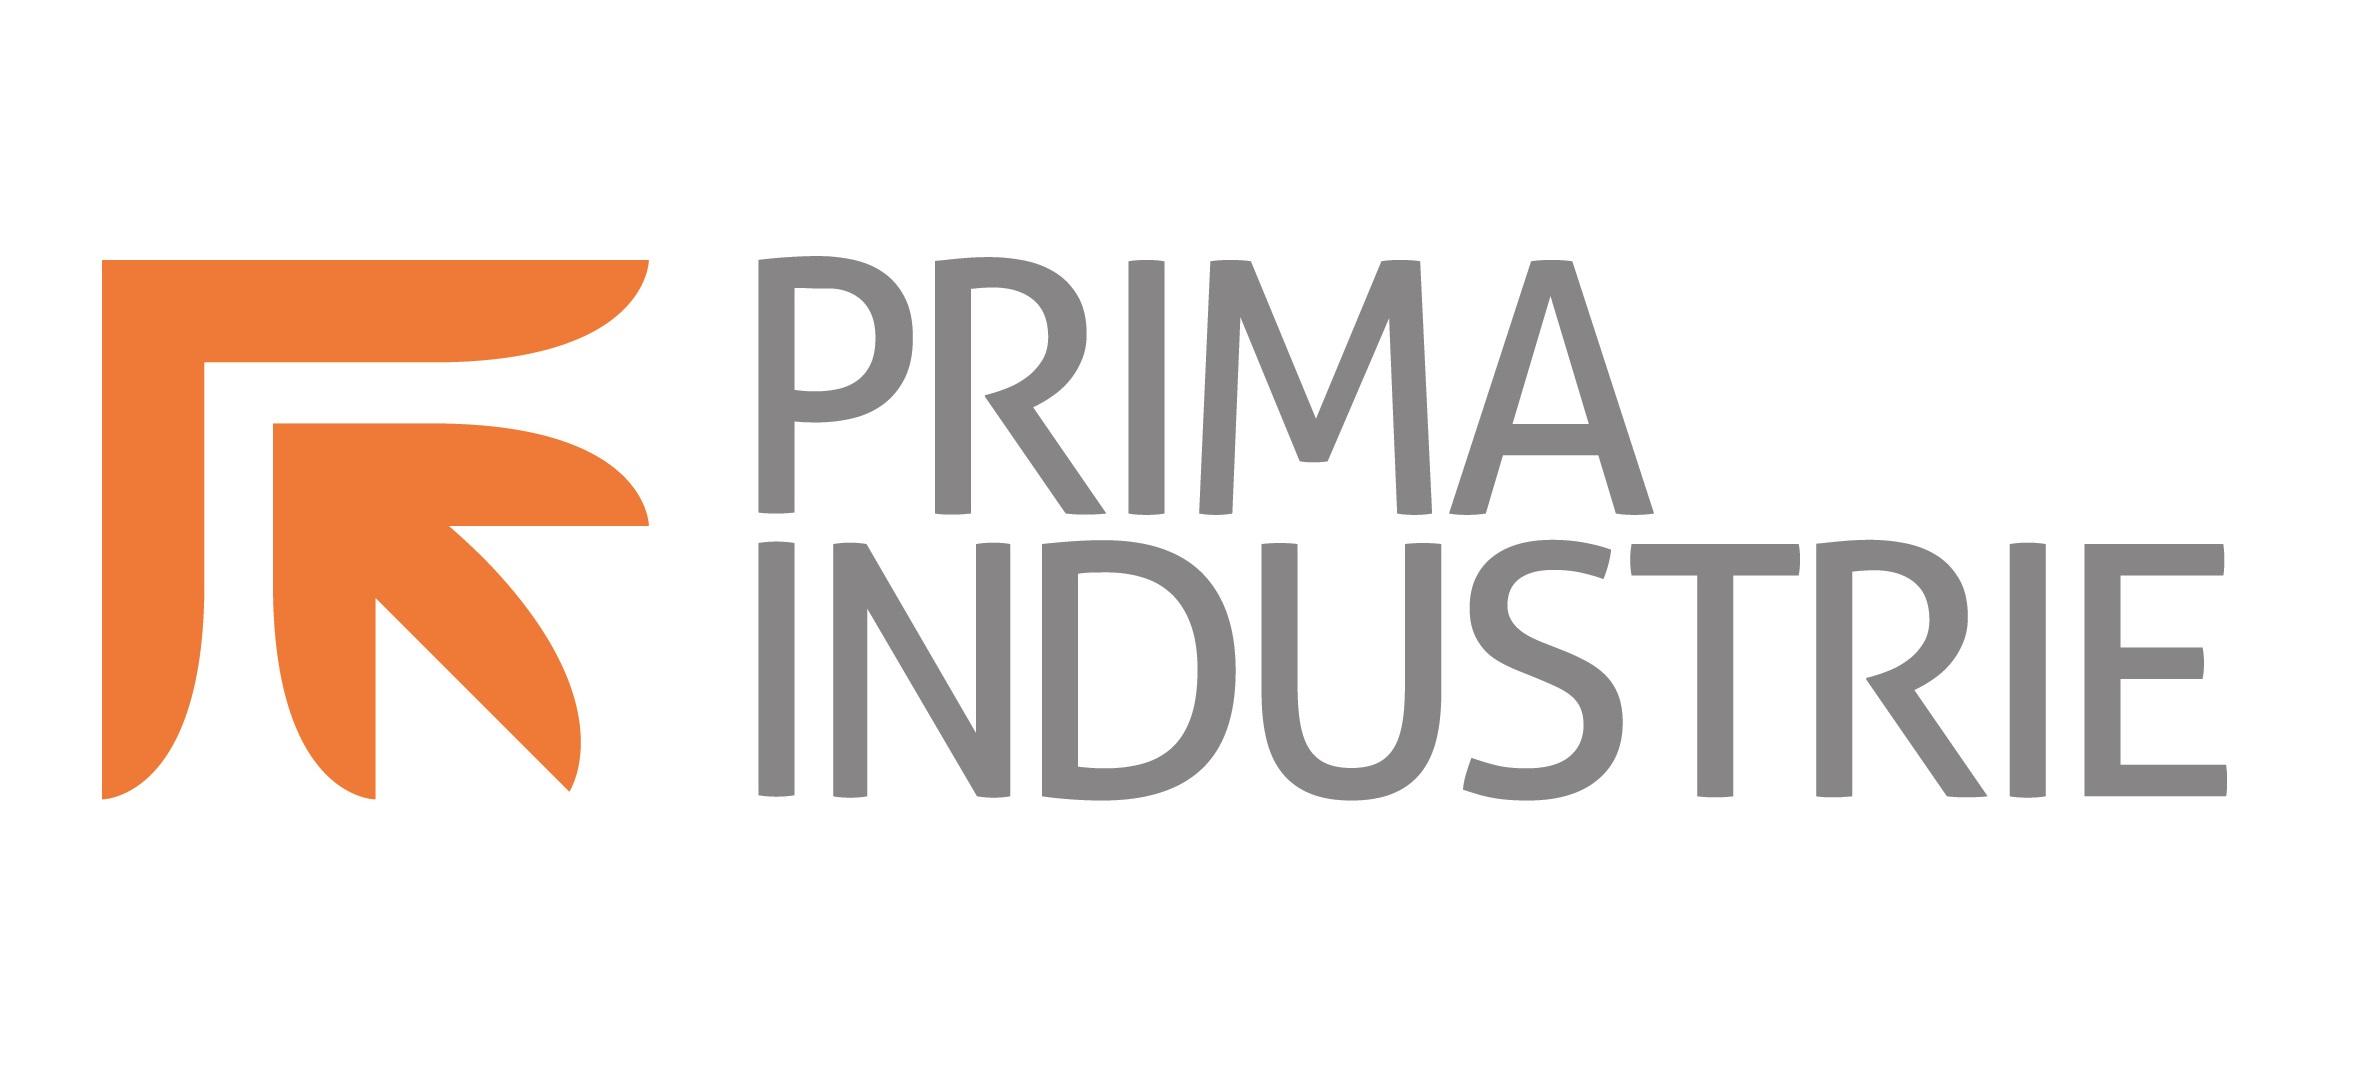 prima industrie